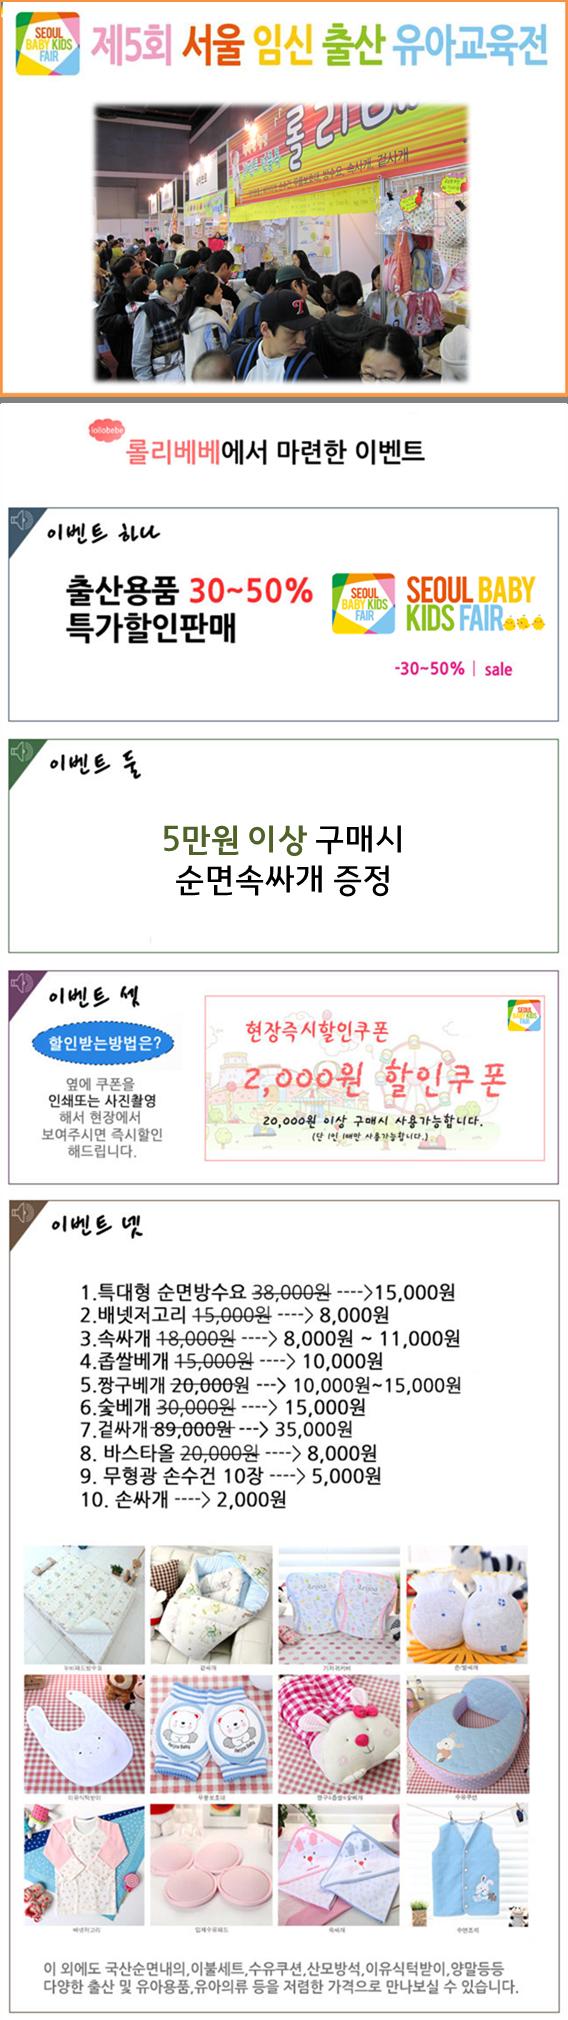 서울 베이비 키즈페어 가볼까요?